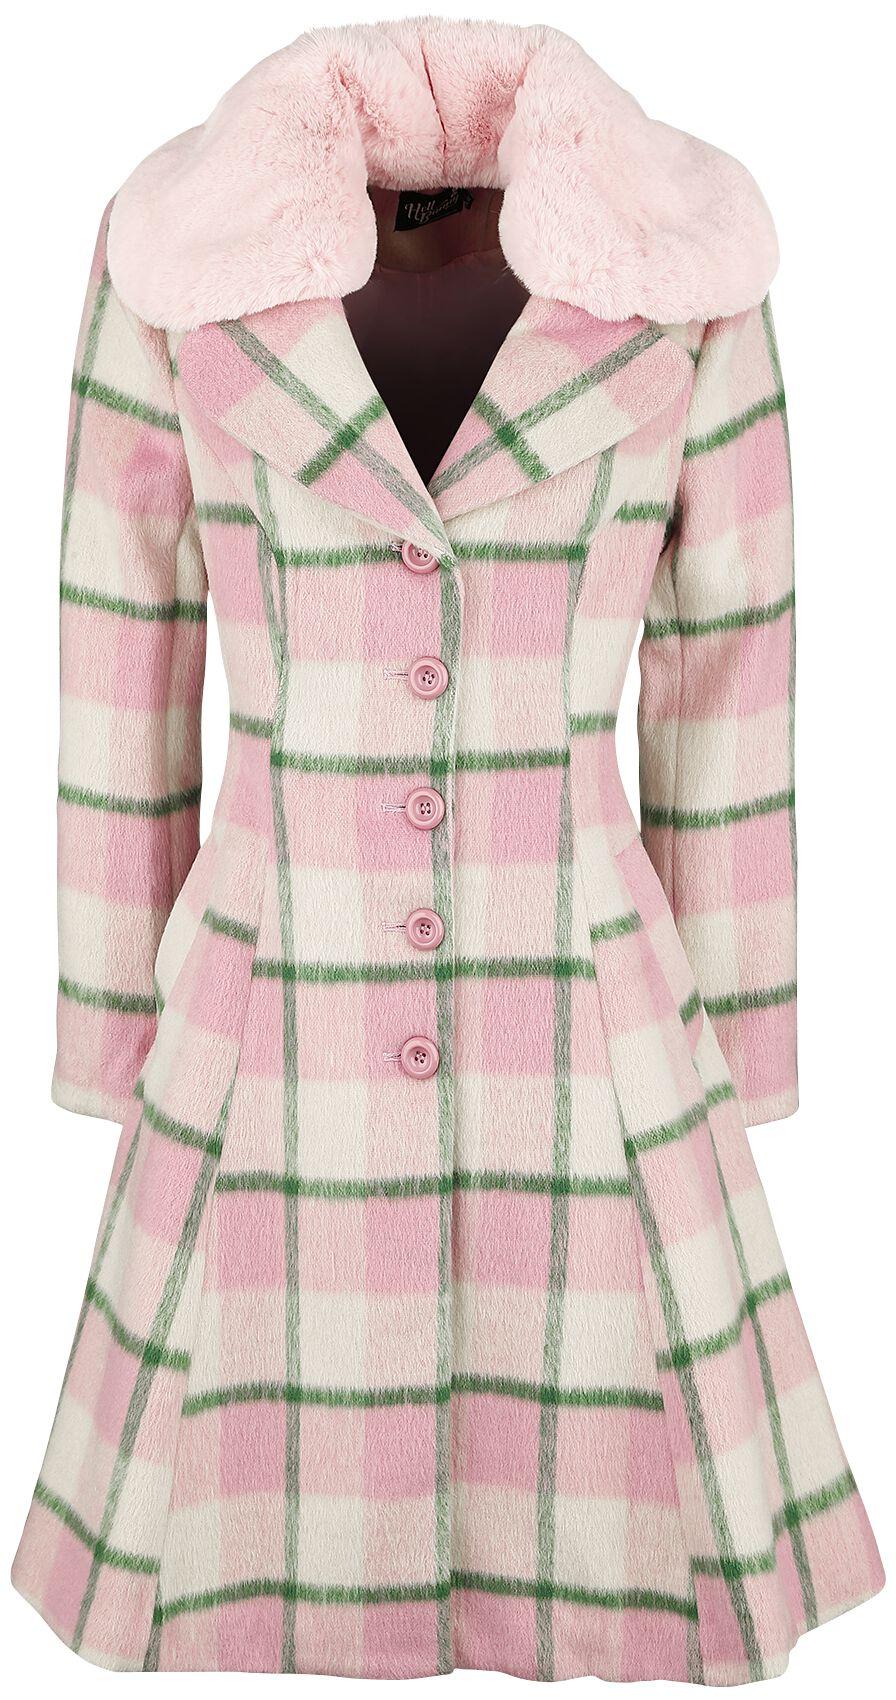 Jacken - Hell Bunny Millicent Coat Mantel rosa grün  - Onlineshop EMP